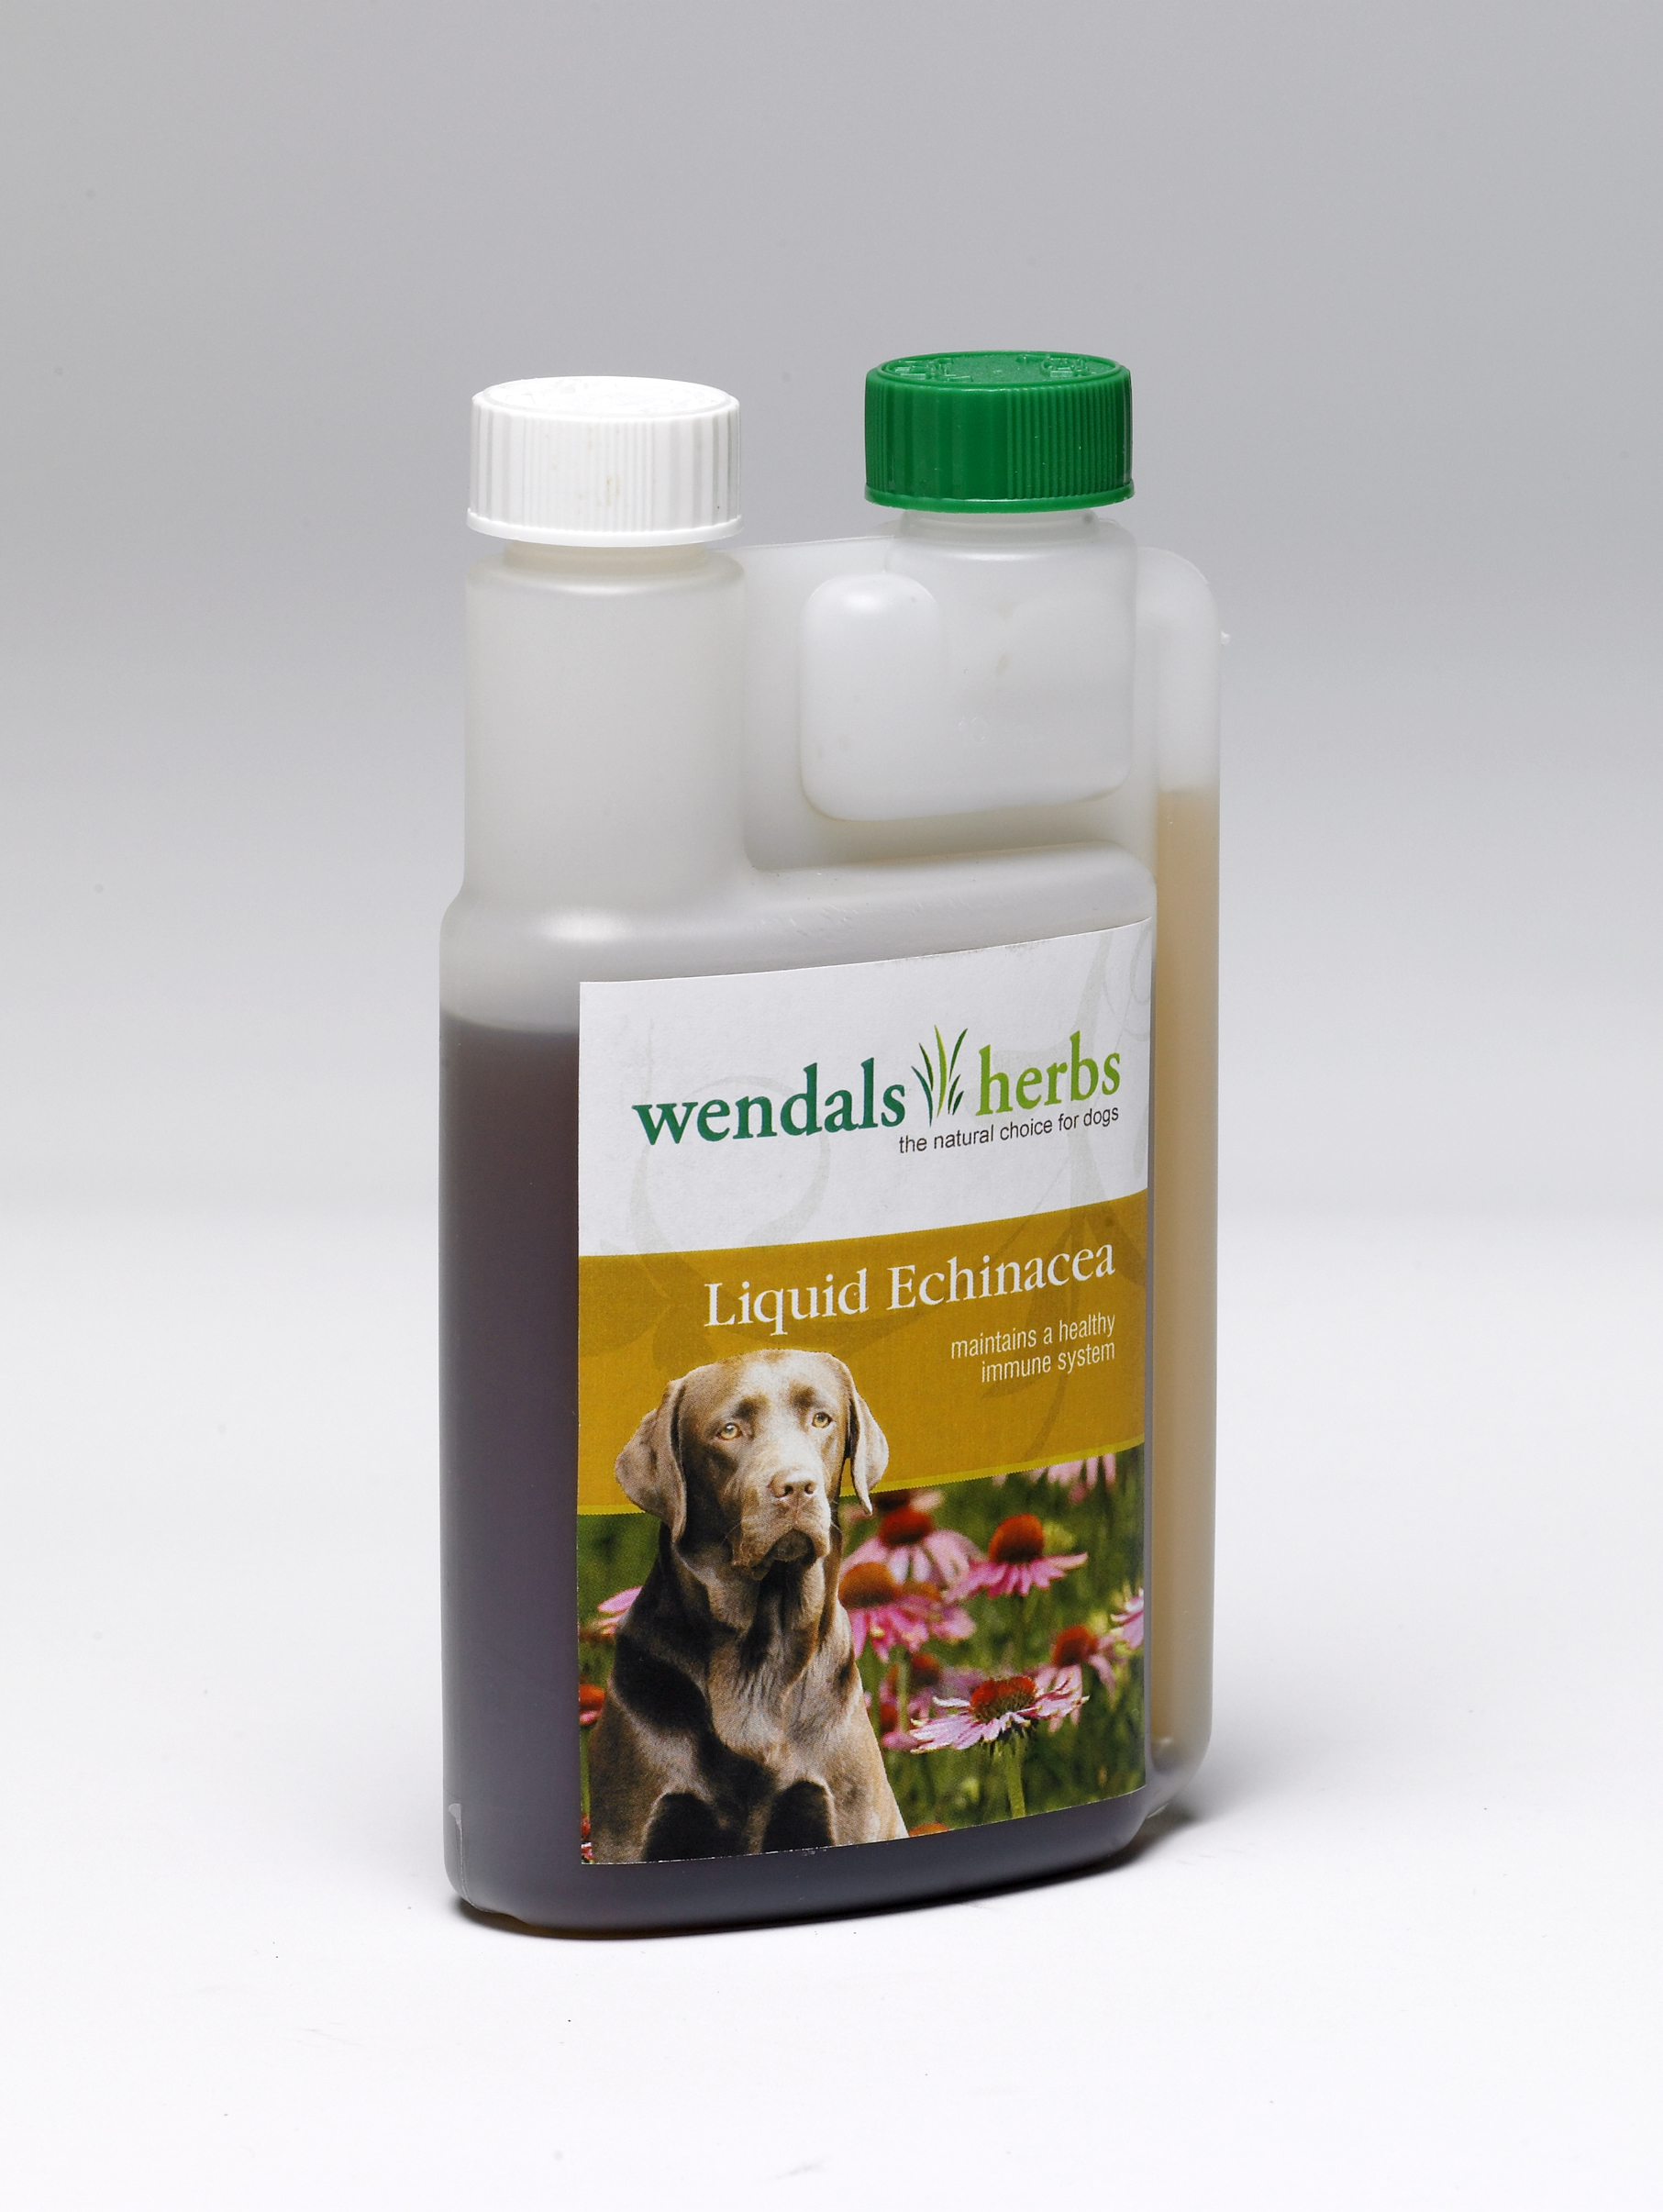 Wendals Liquid 🐶 Dog Echinacea Wendals Liquid Echinacea